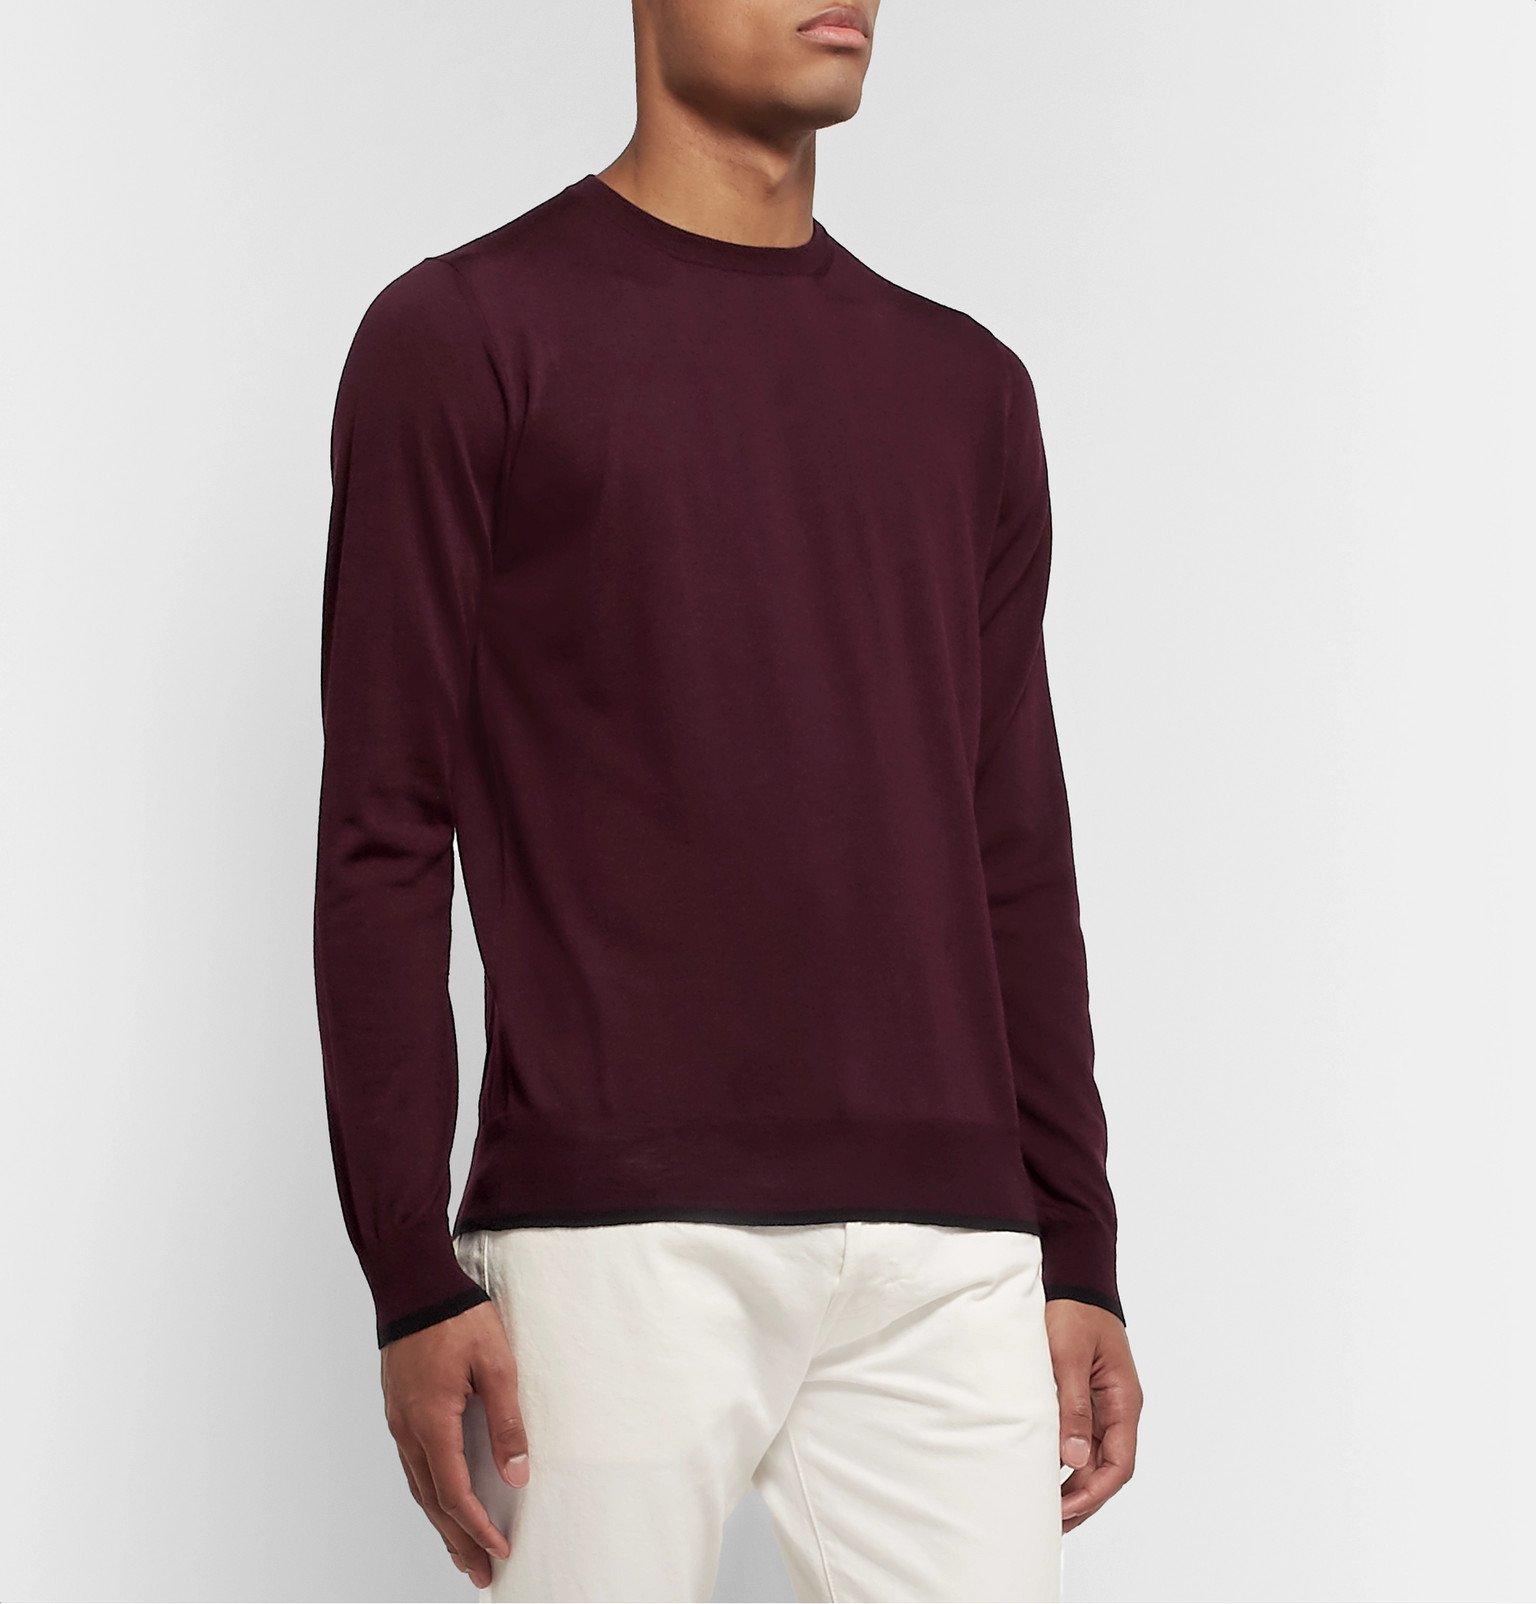 Tod's - Merino Wool Sweater - Burgundy